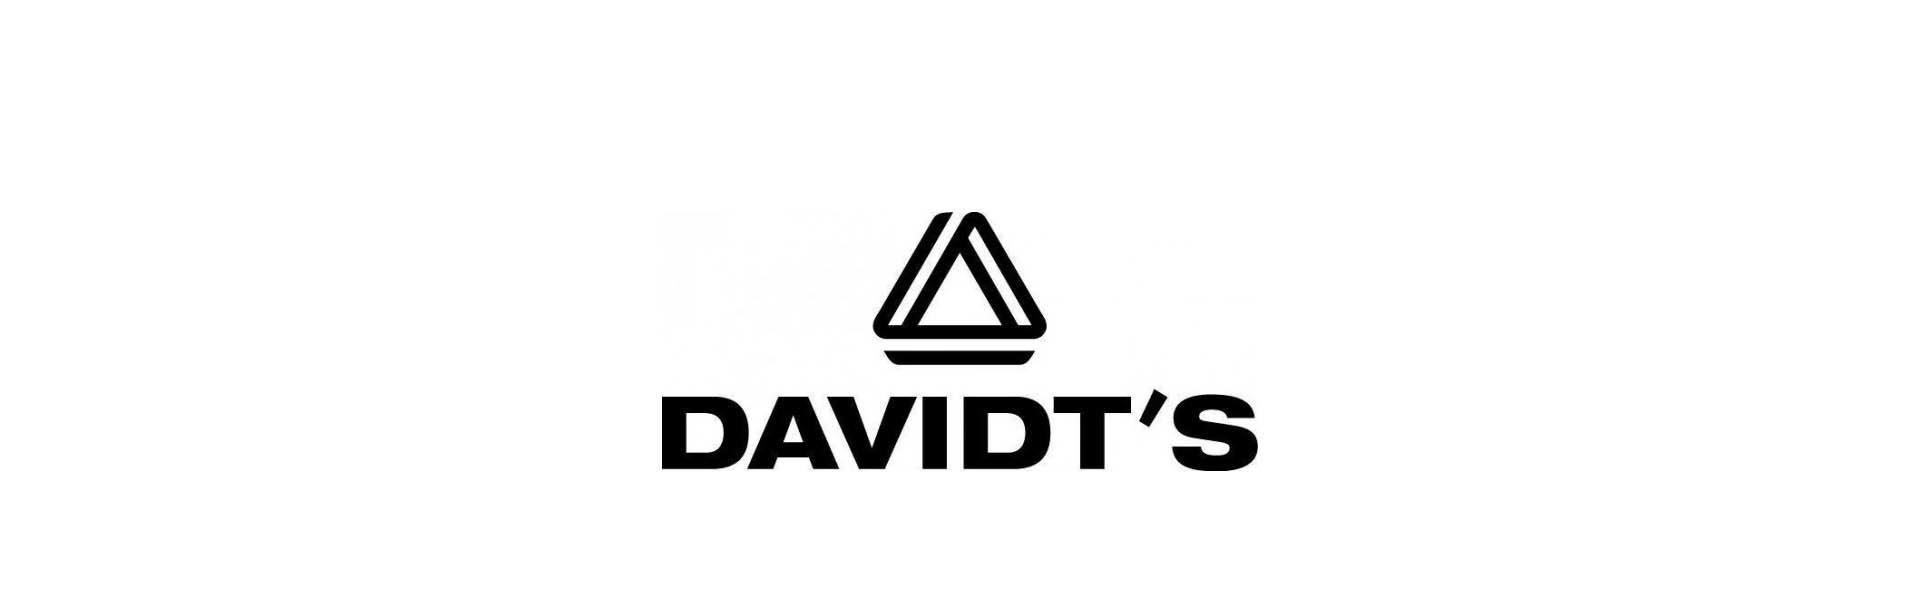 De mooiste sieraden accessoires van Davidts!